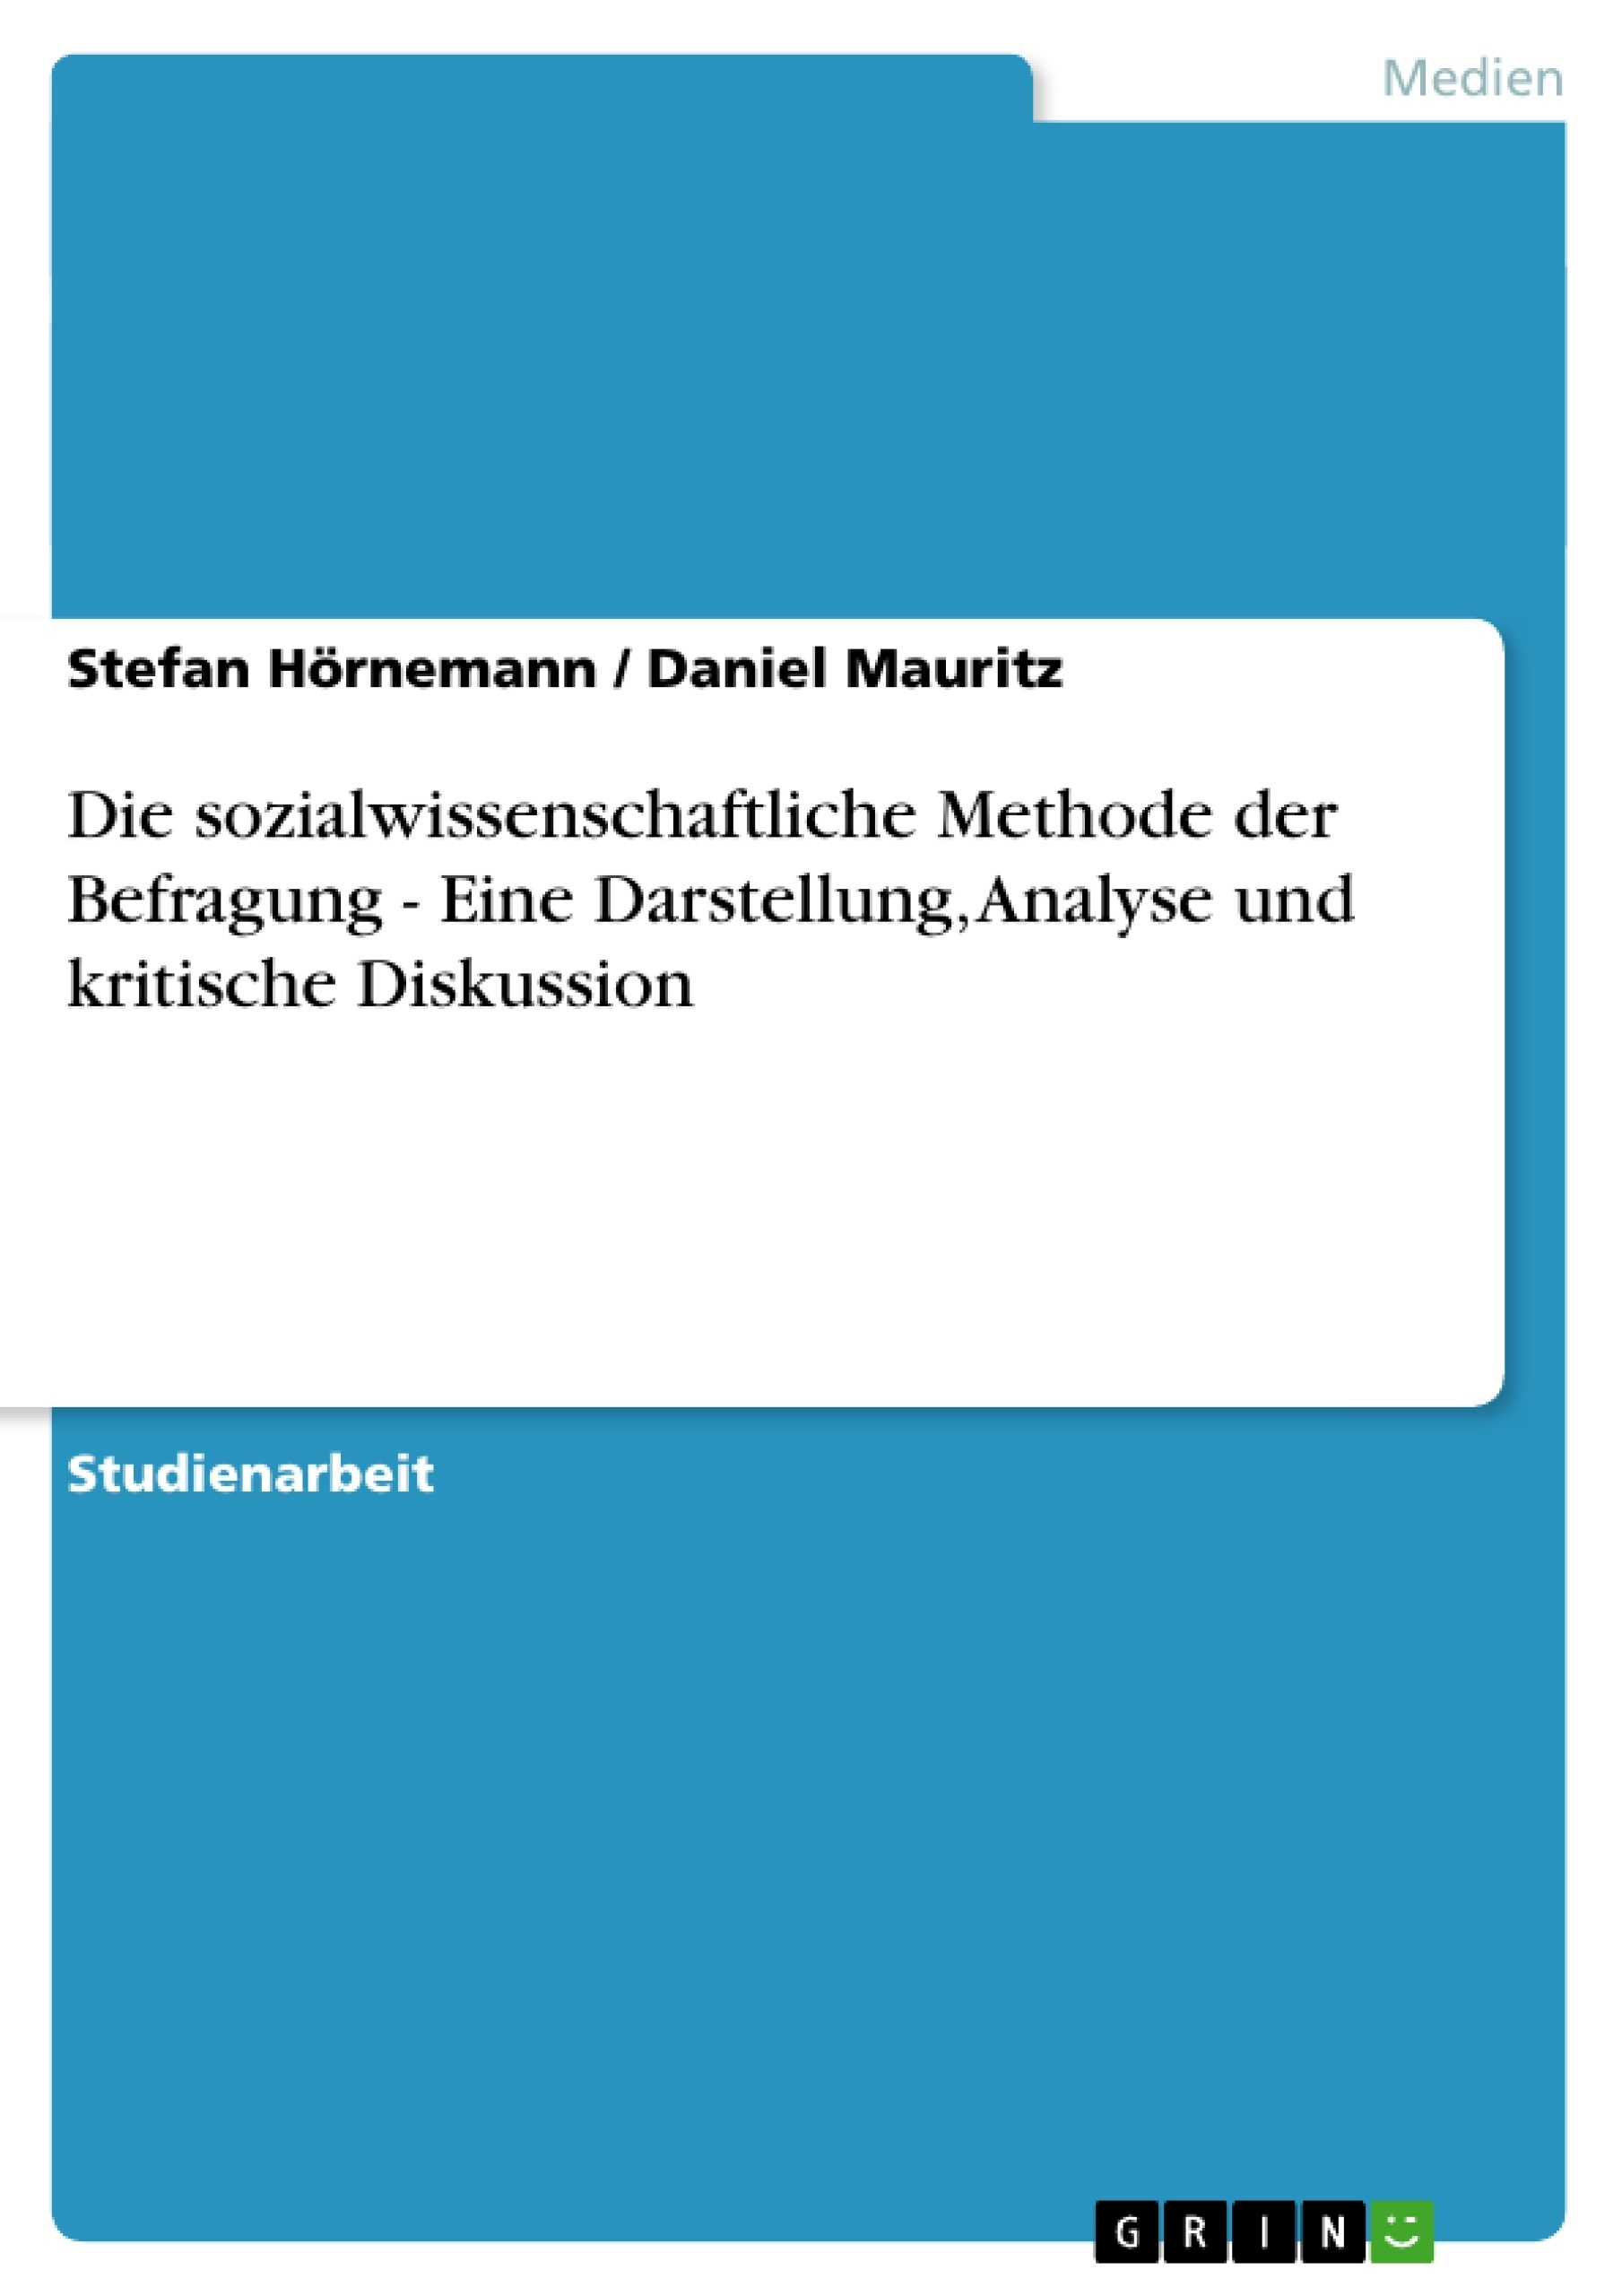 Titel: Die sozialwissenschaftliche Methode der Befragung - Eine Darstellung, Analyse und kritische Diskussion